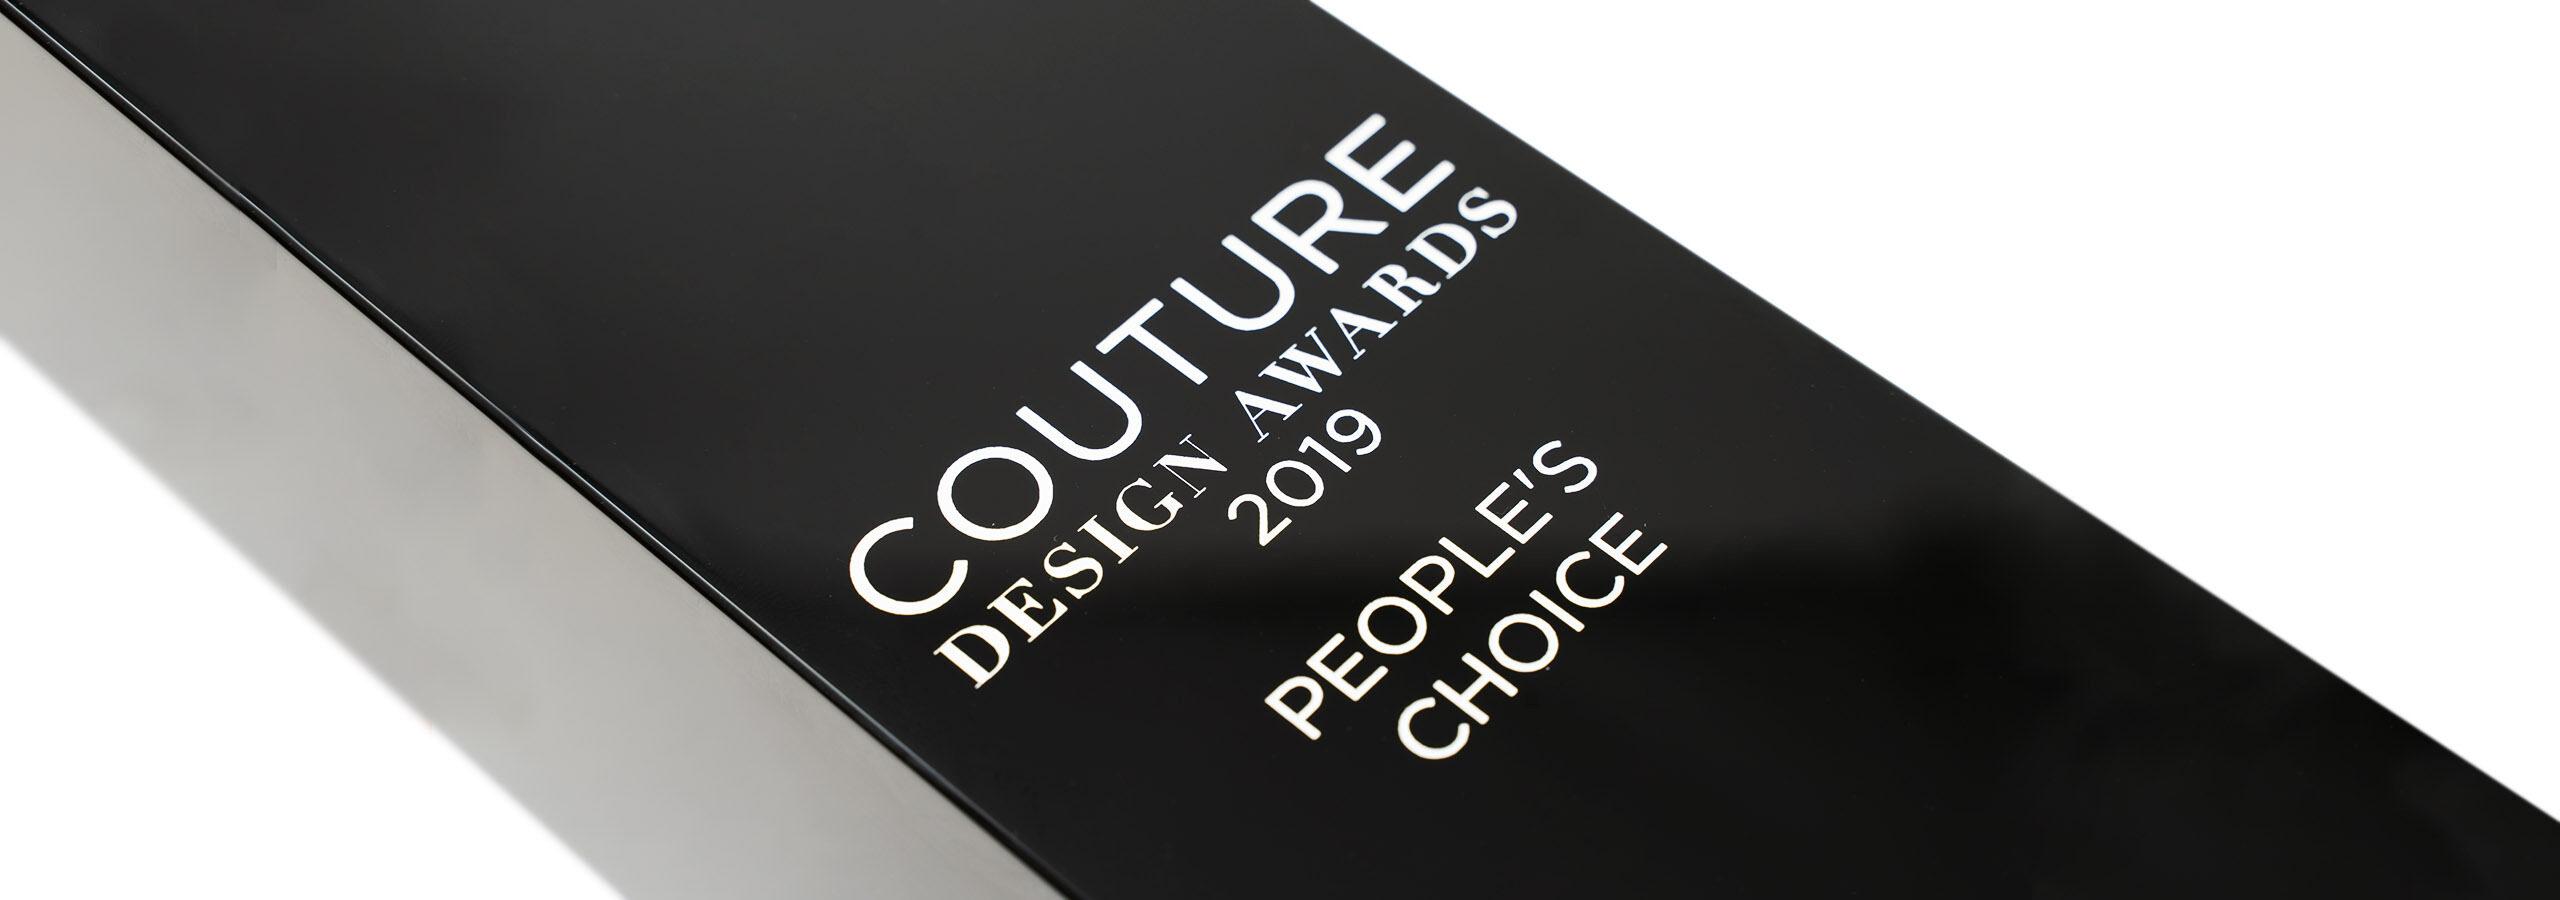 Gismondi1754 couture cover